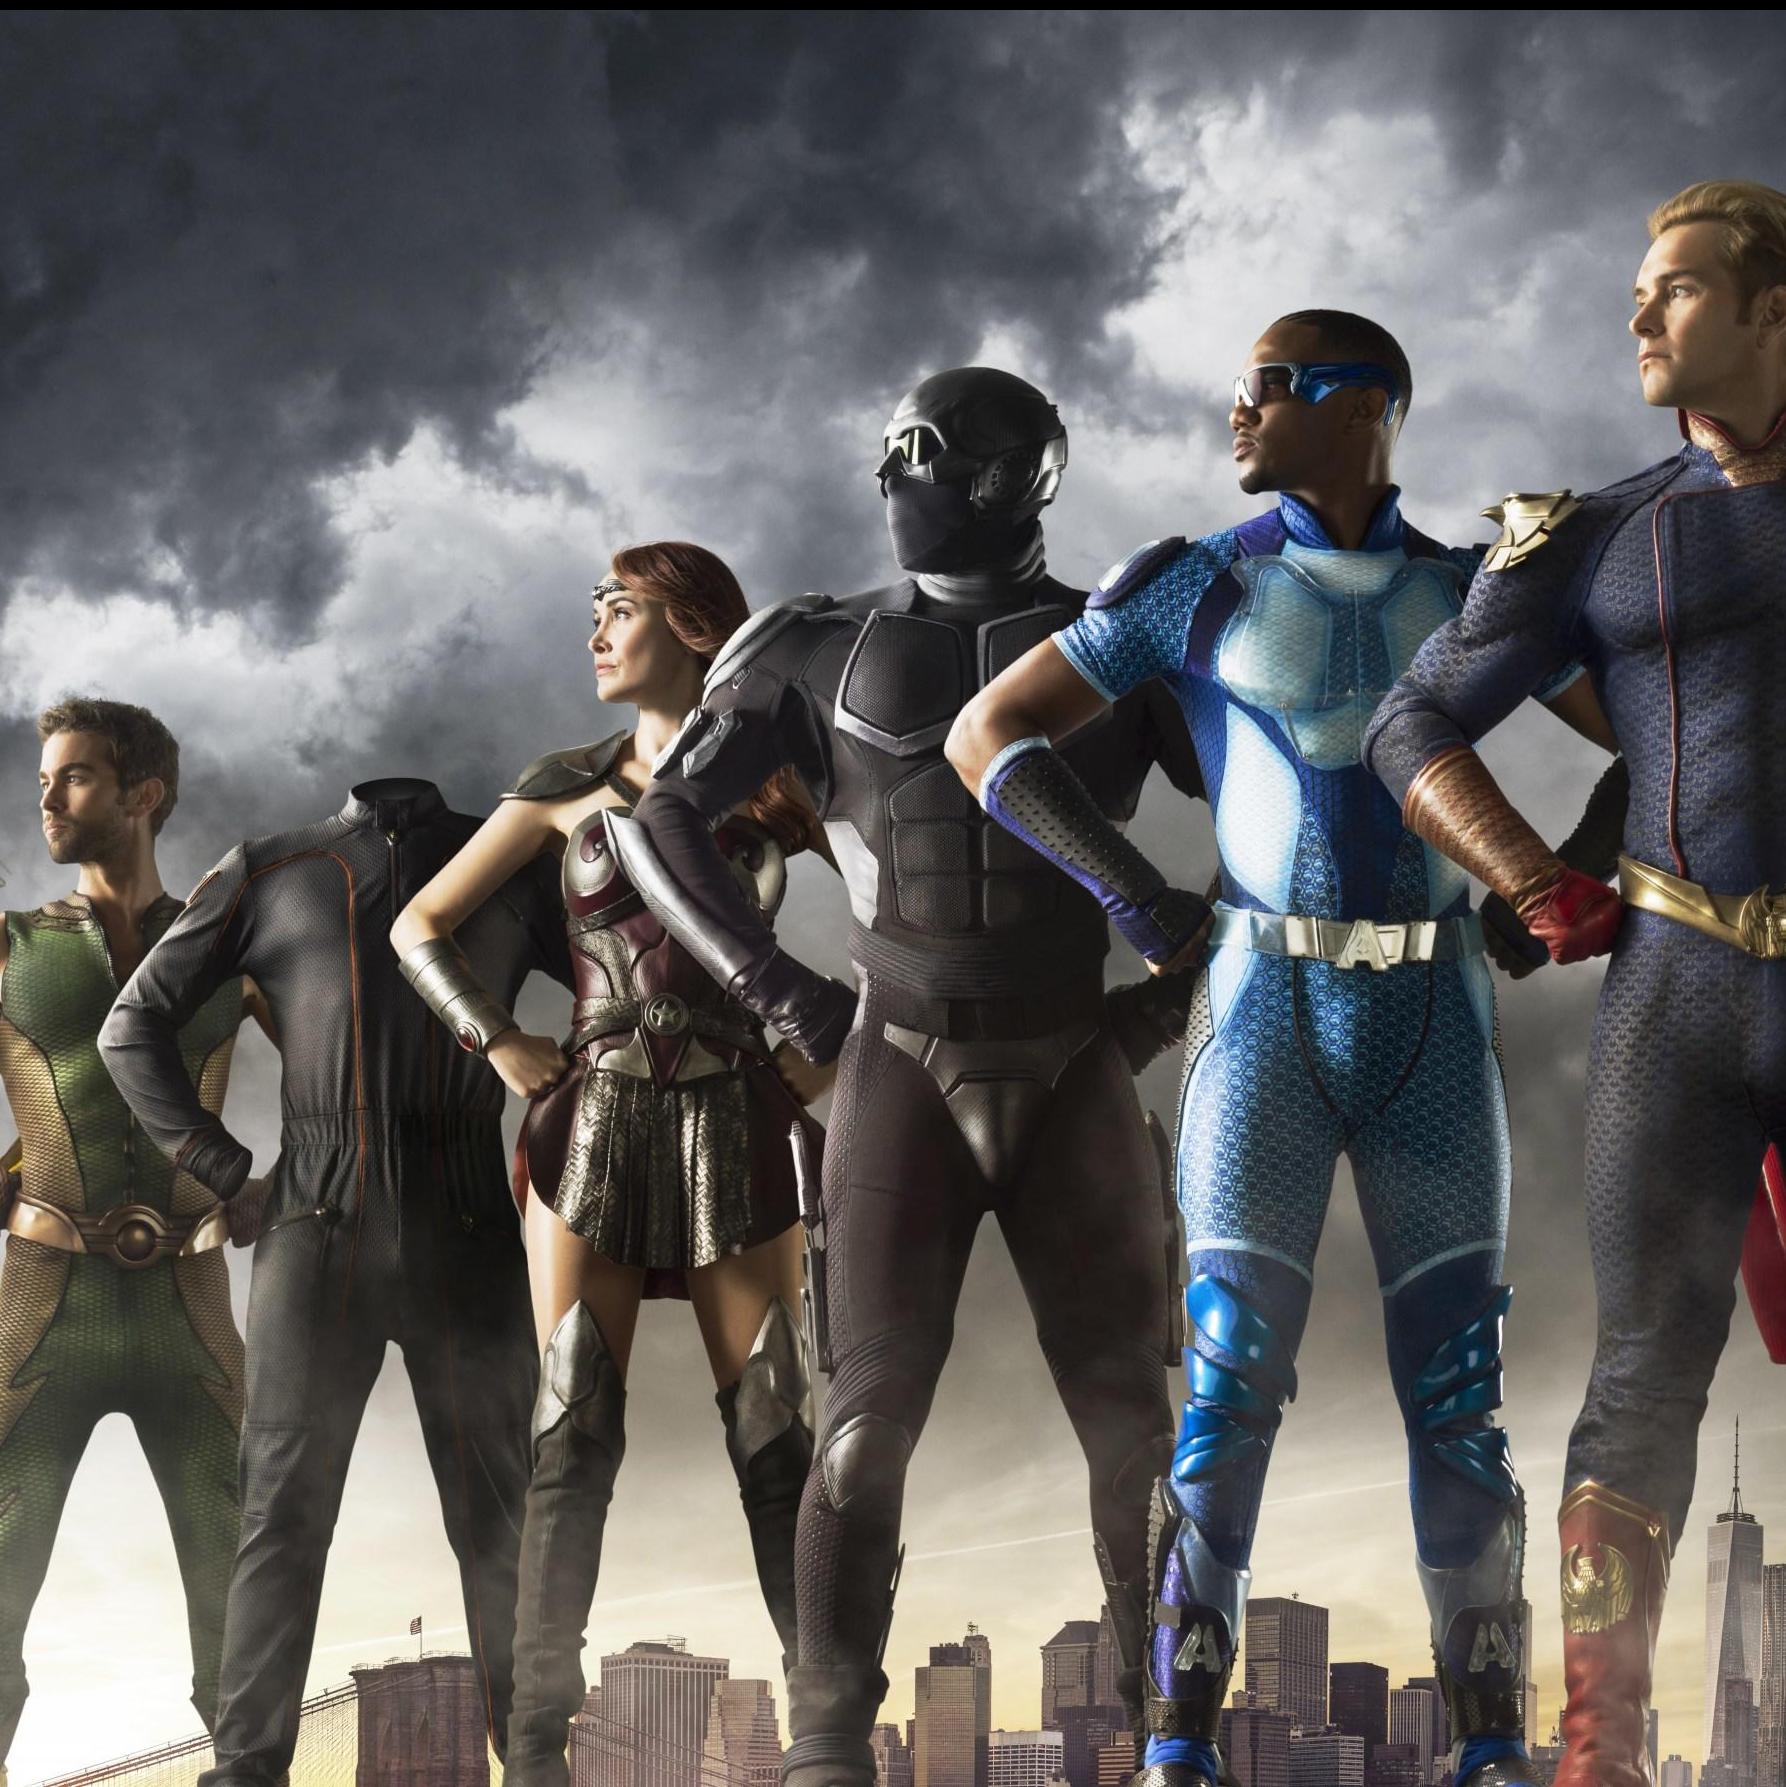 如果英雄的人格並非完美?《黑袍糾察隊》寫實刻劃如果超級英雄真實存在的世界